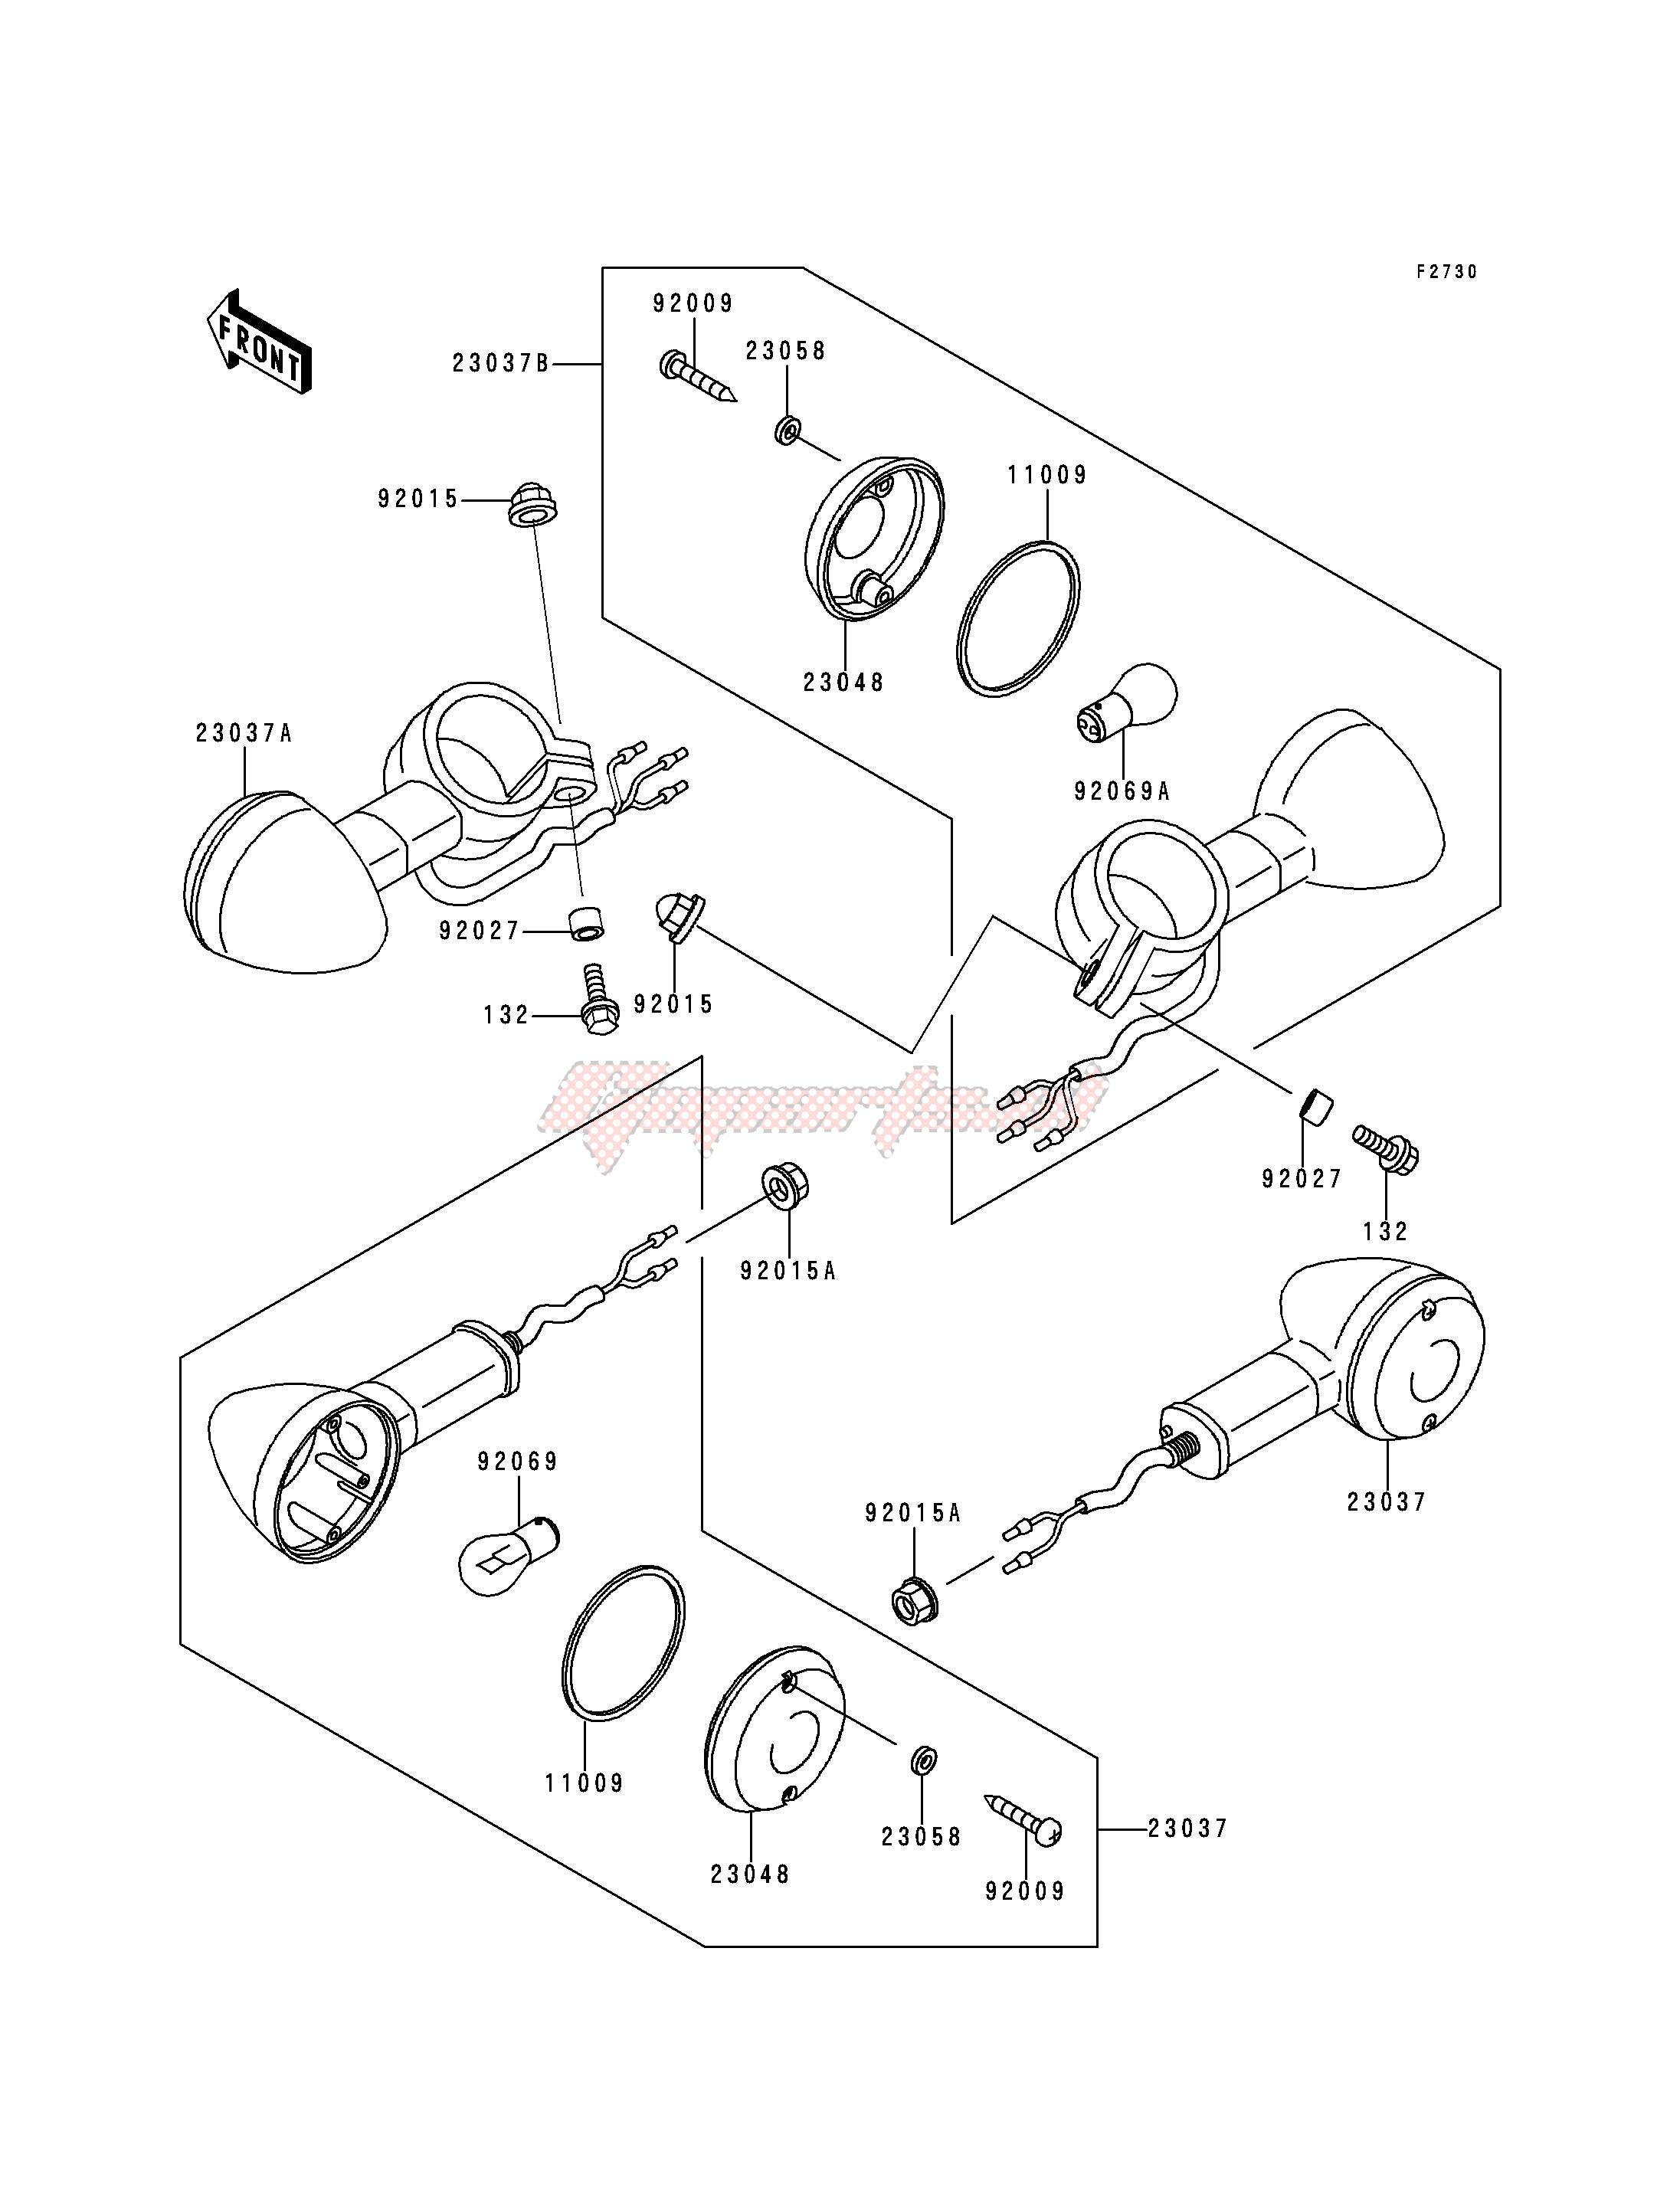 oem turn signals - (kawasaki [motorcycle] vn 800 b [vulcan 800 classic]  (b1-b5) [vulcan 800 classic] / 2000) | goparts  goparts